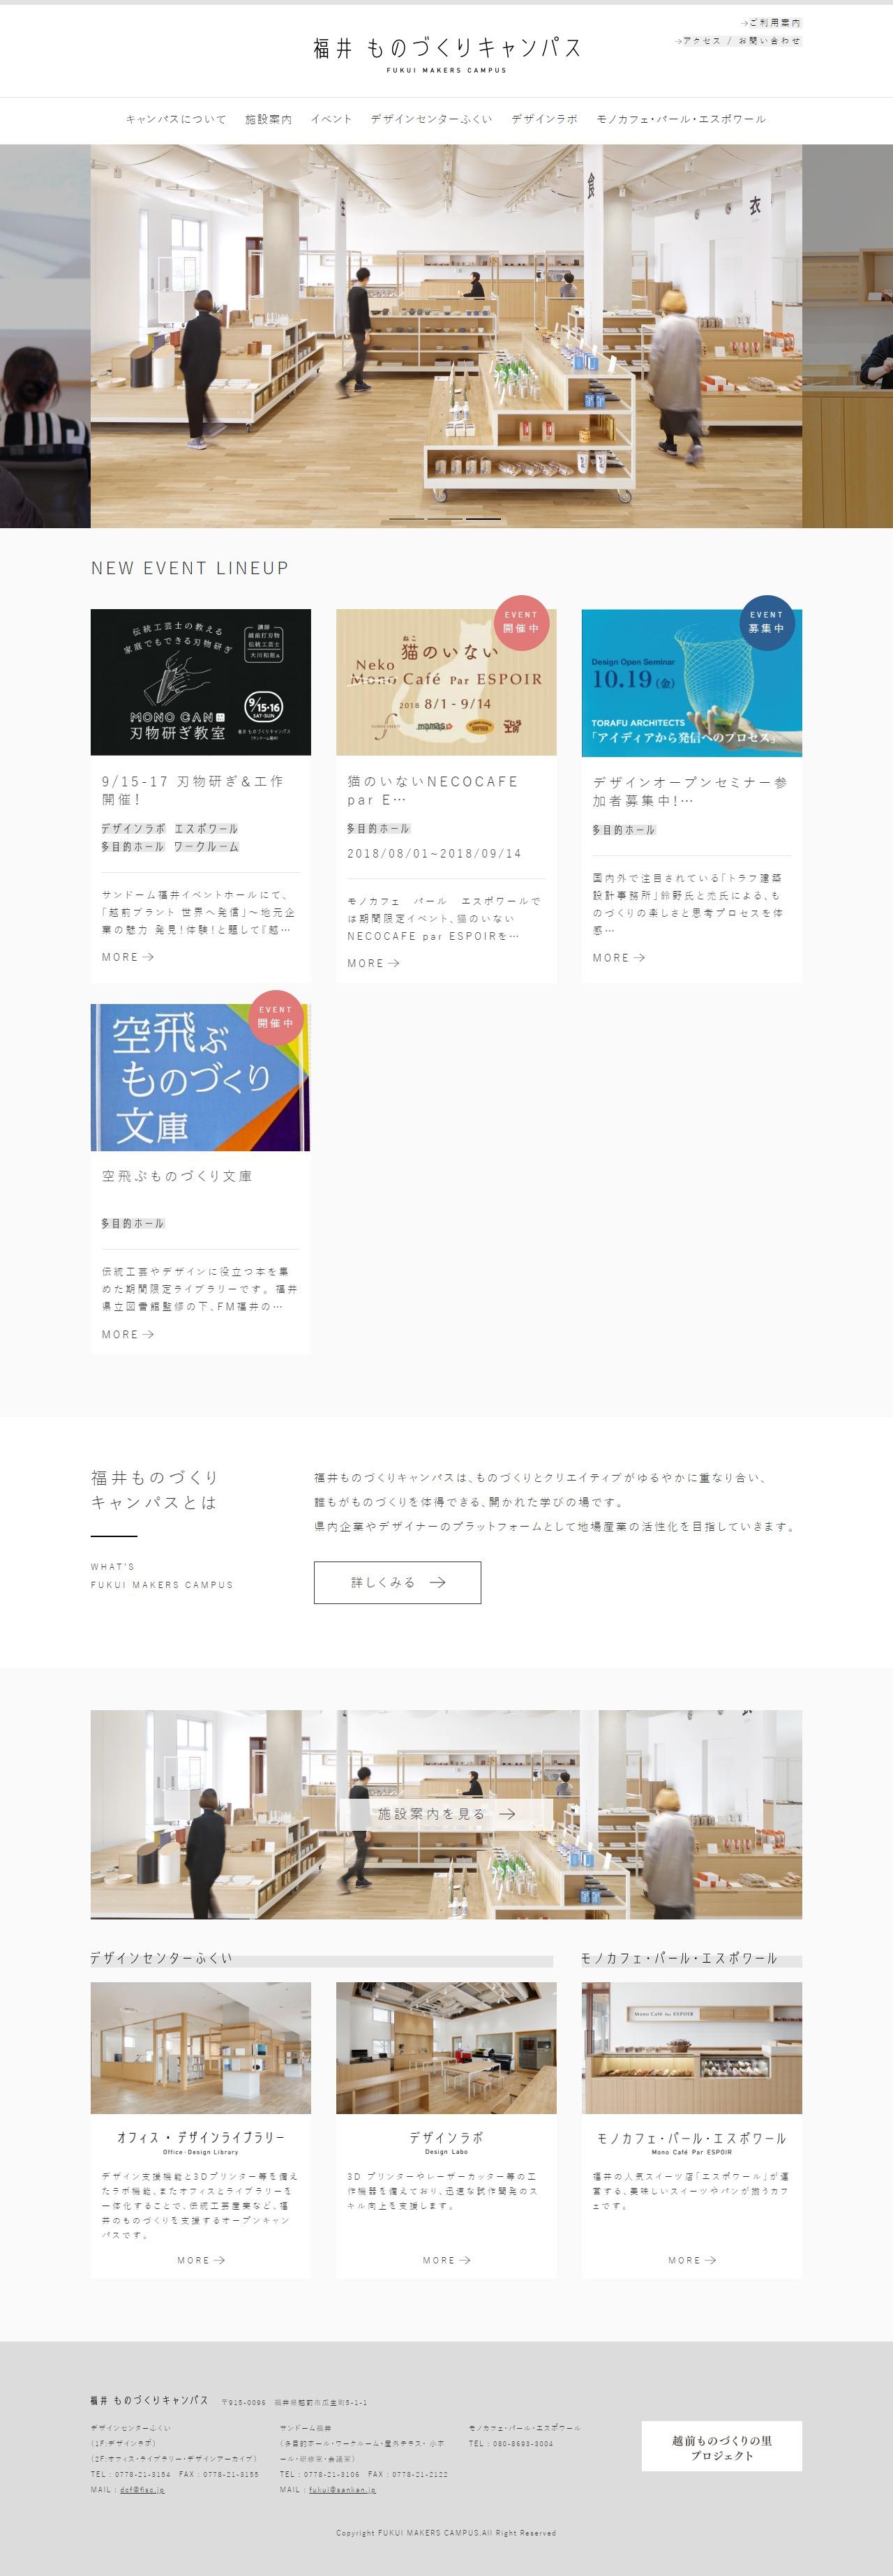 福井ものづくりキャンパスPC版イメージ